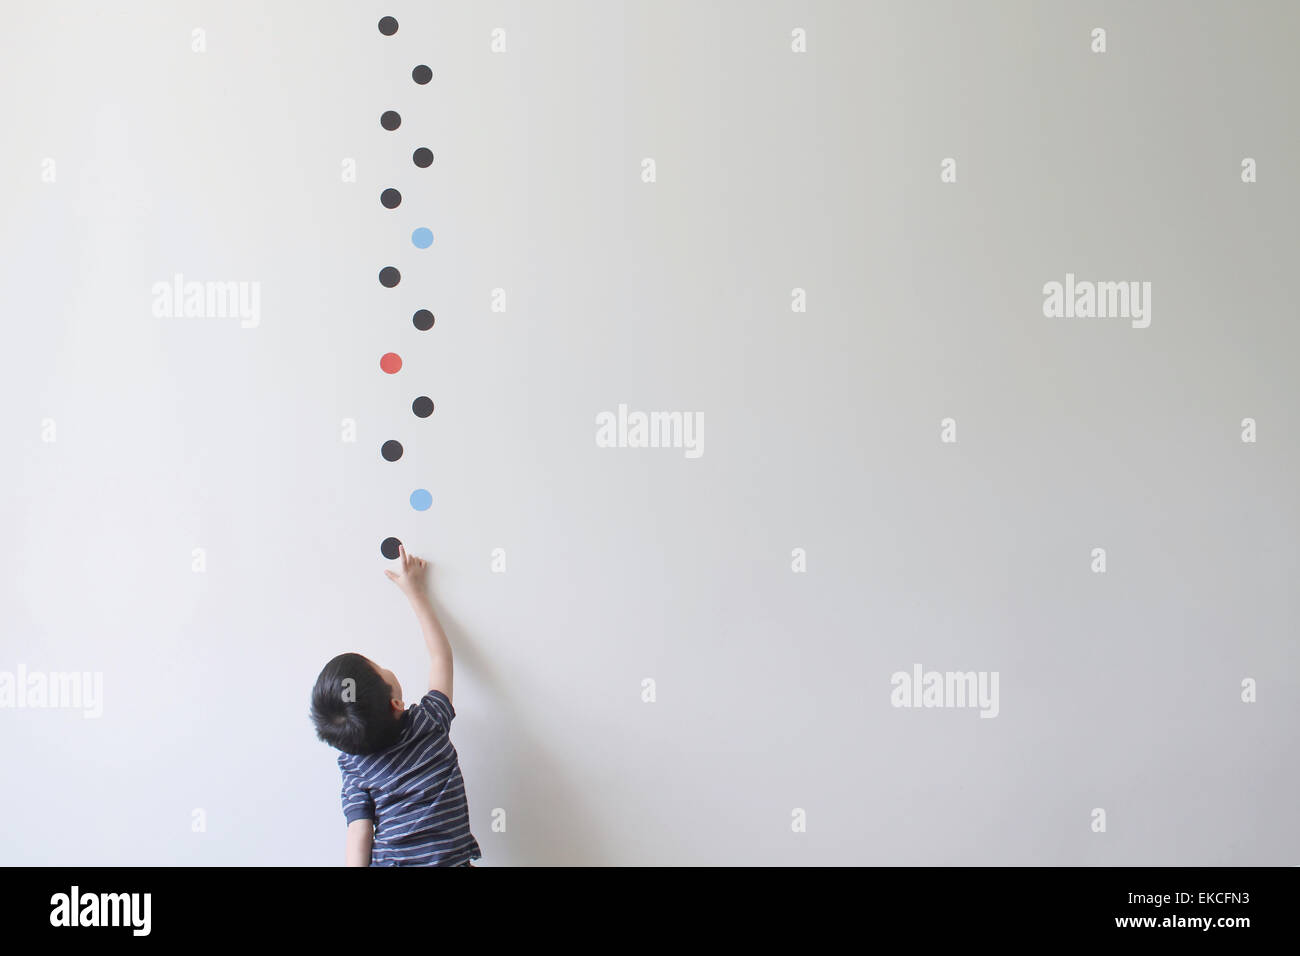 Fesselnde Muster Wand Ideen Von Junge, Die Versuchen, Eines Der Dot-muster Von